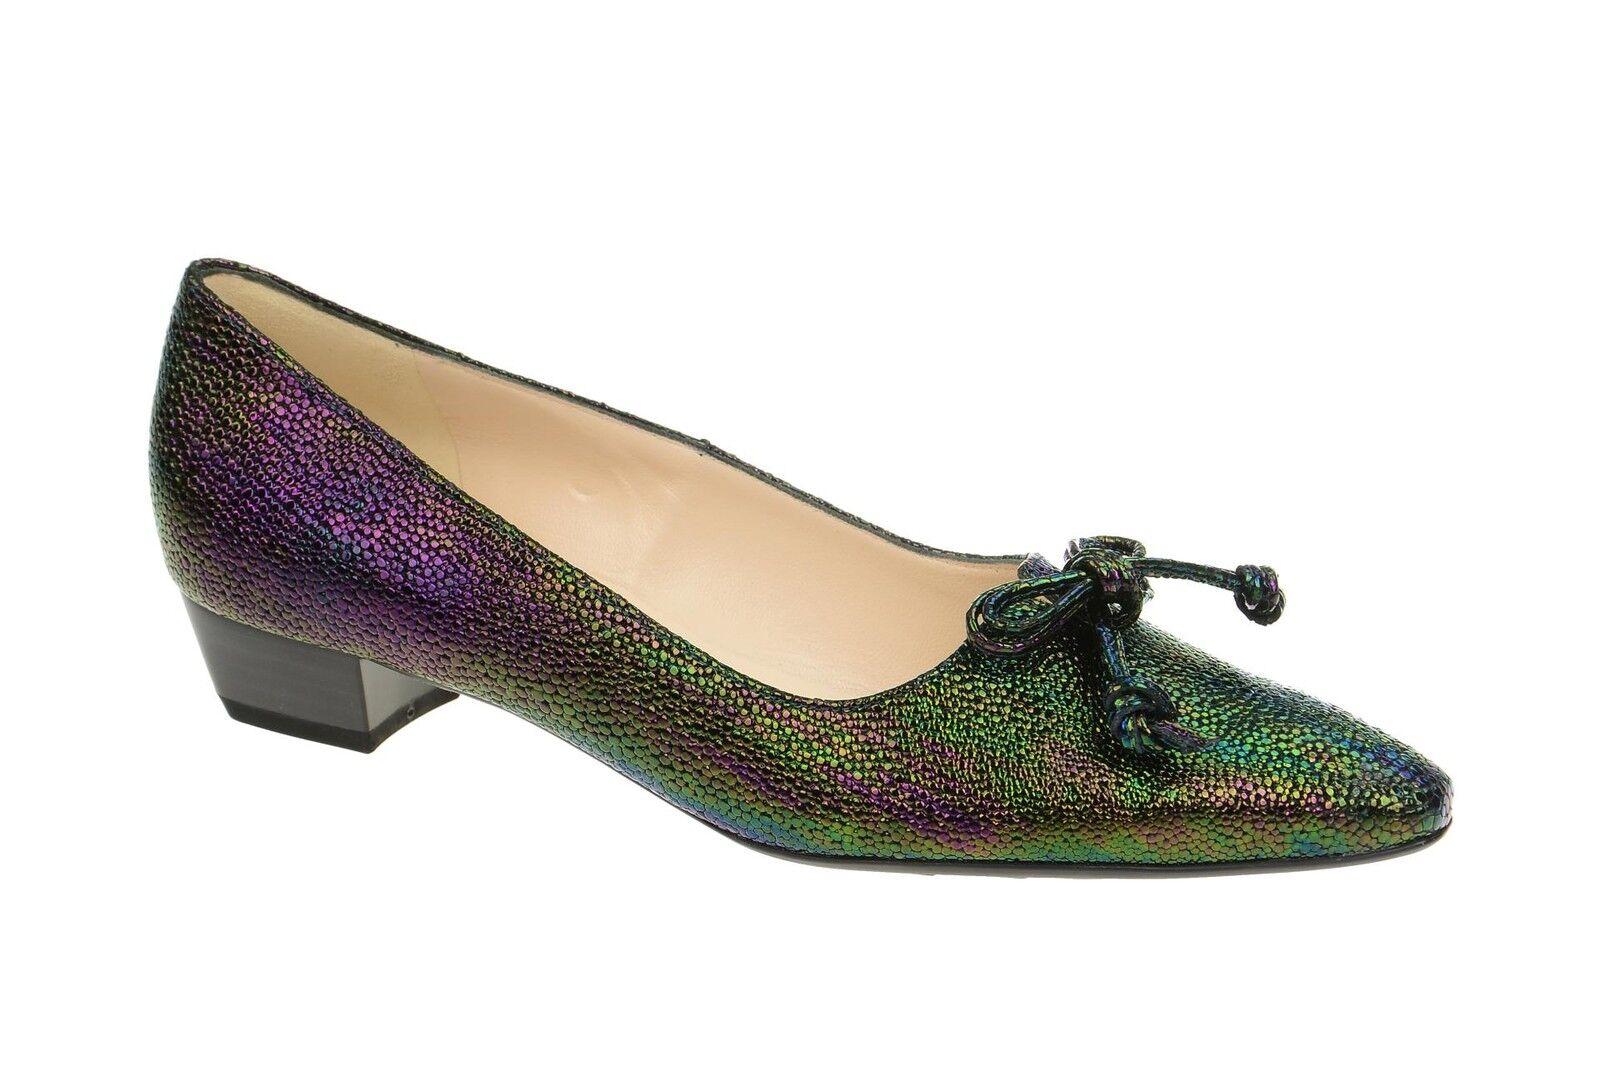 Peter Kaiser Damenschuhe Schuhe LIZZY 25 mehrfarbig Damenschuhe Kaiser Pumps 22407609 NEU 61581b